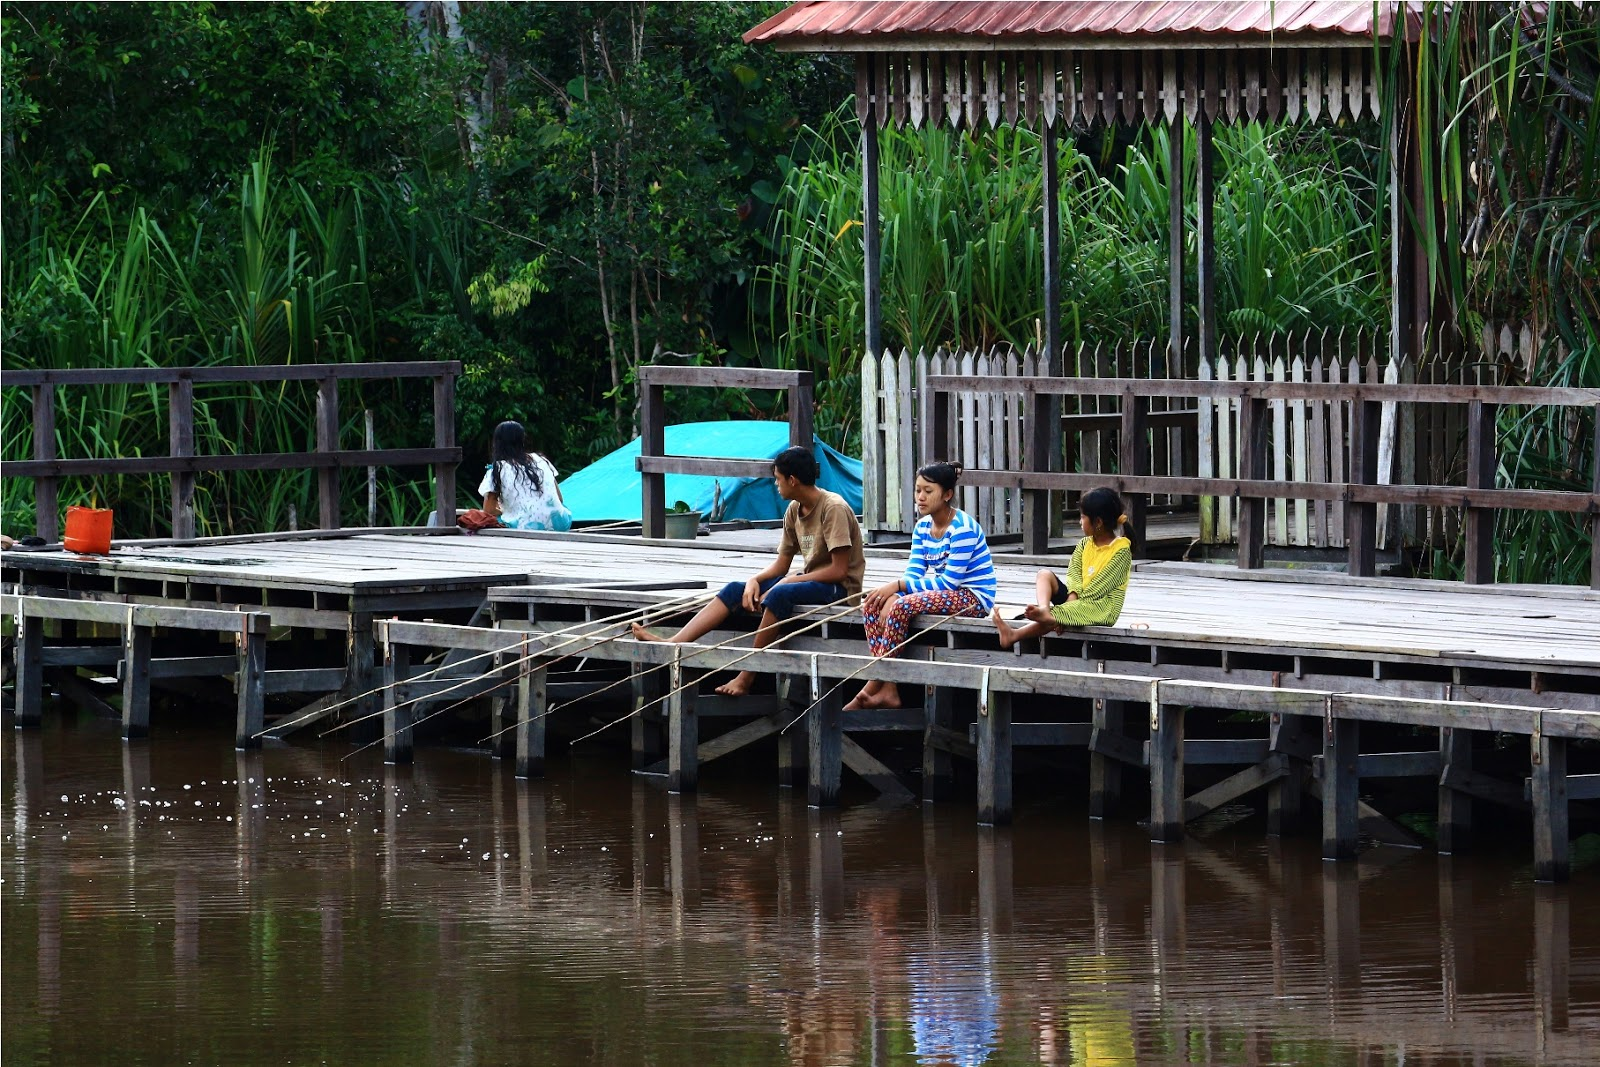 Anak-anak Sungai Sekoyer yang asyik memancing dari dermaga